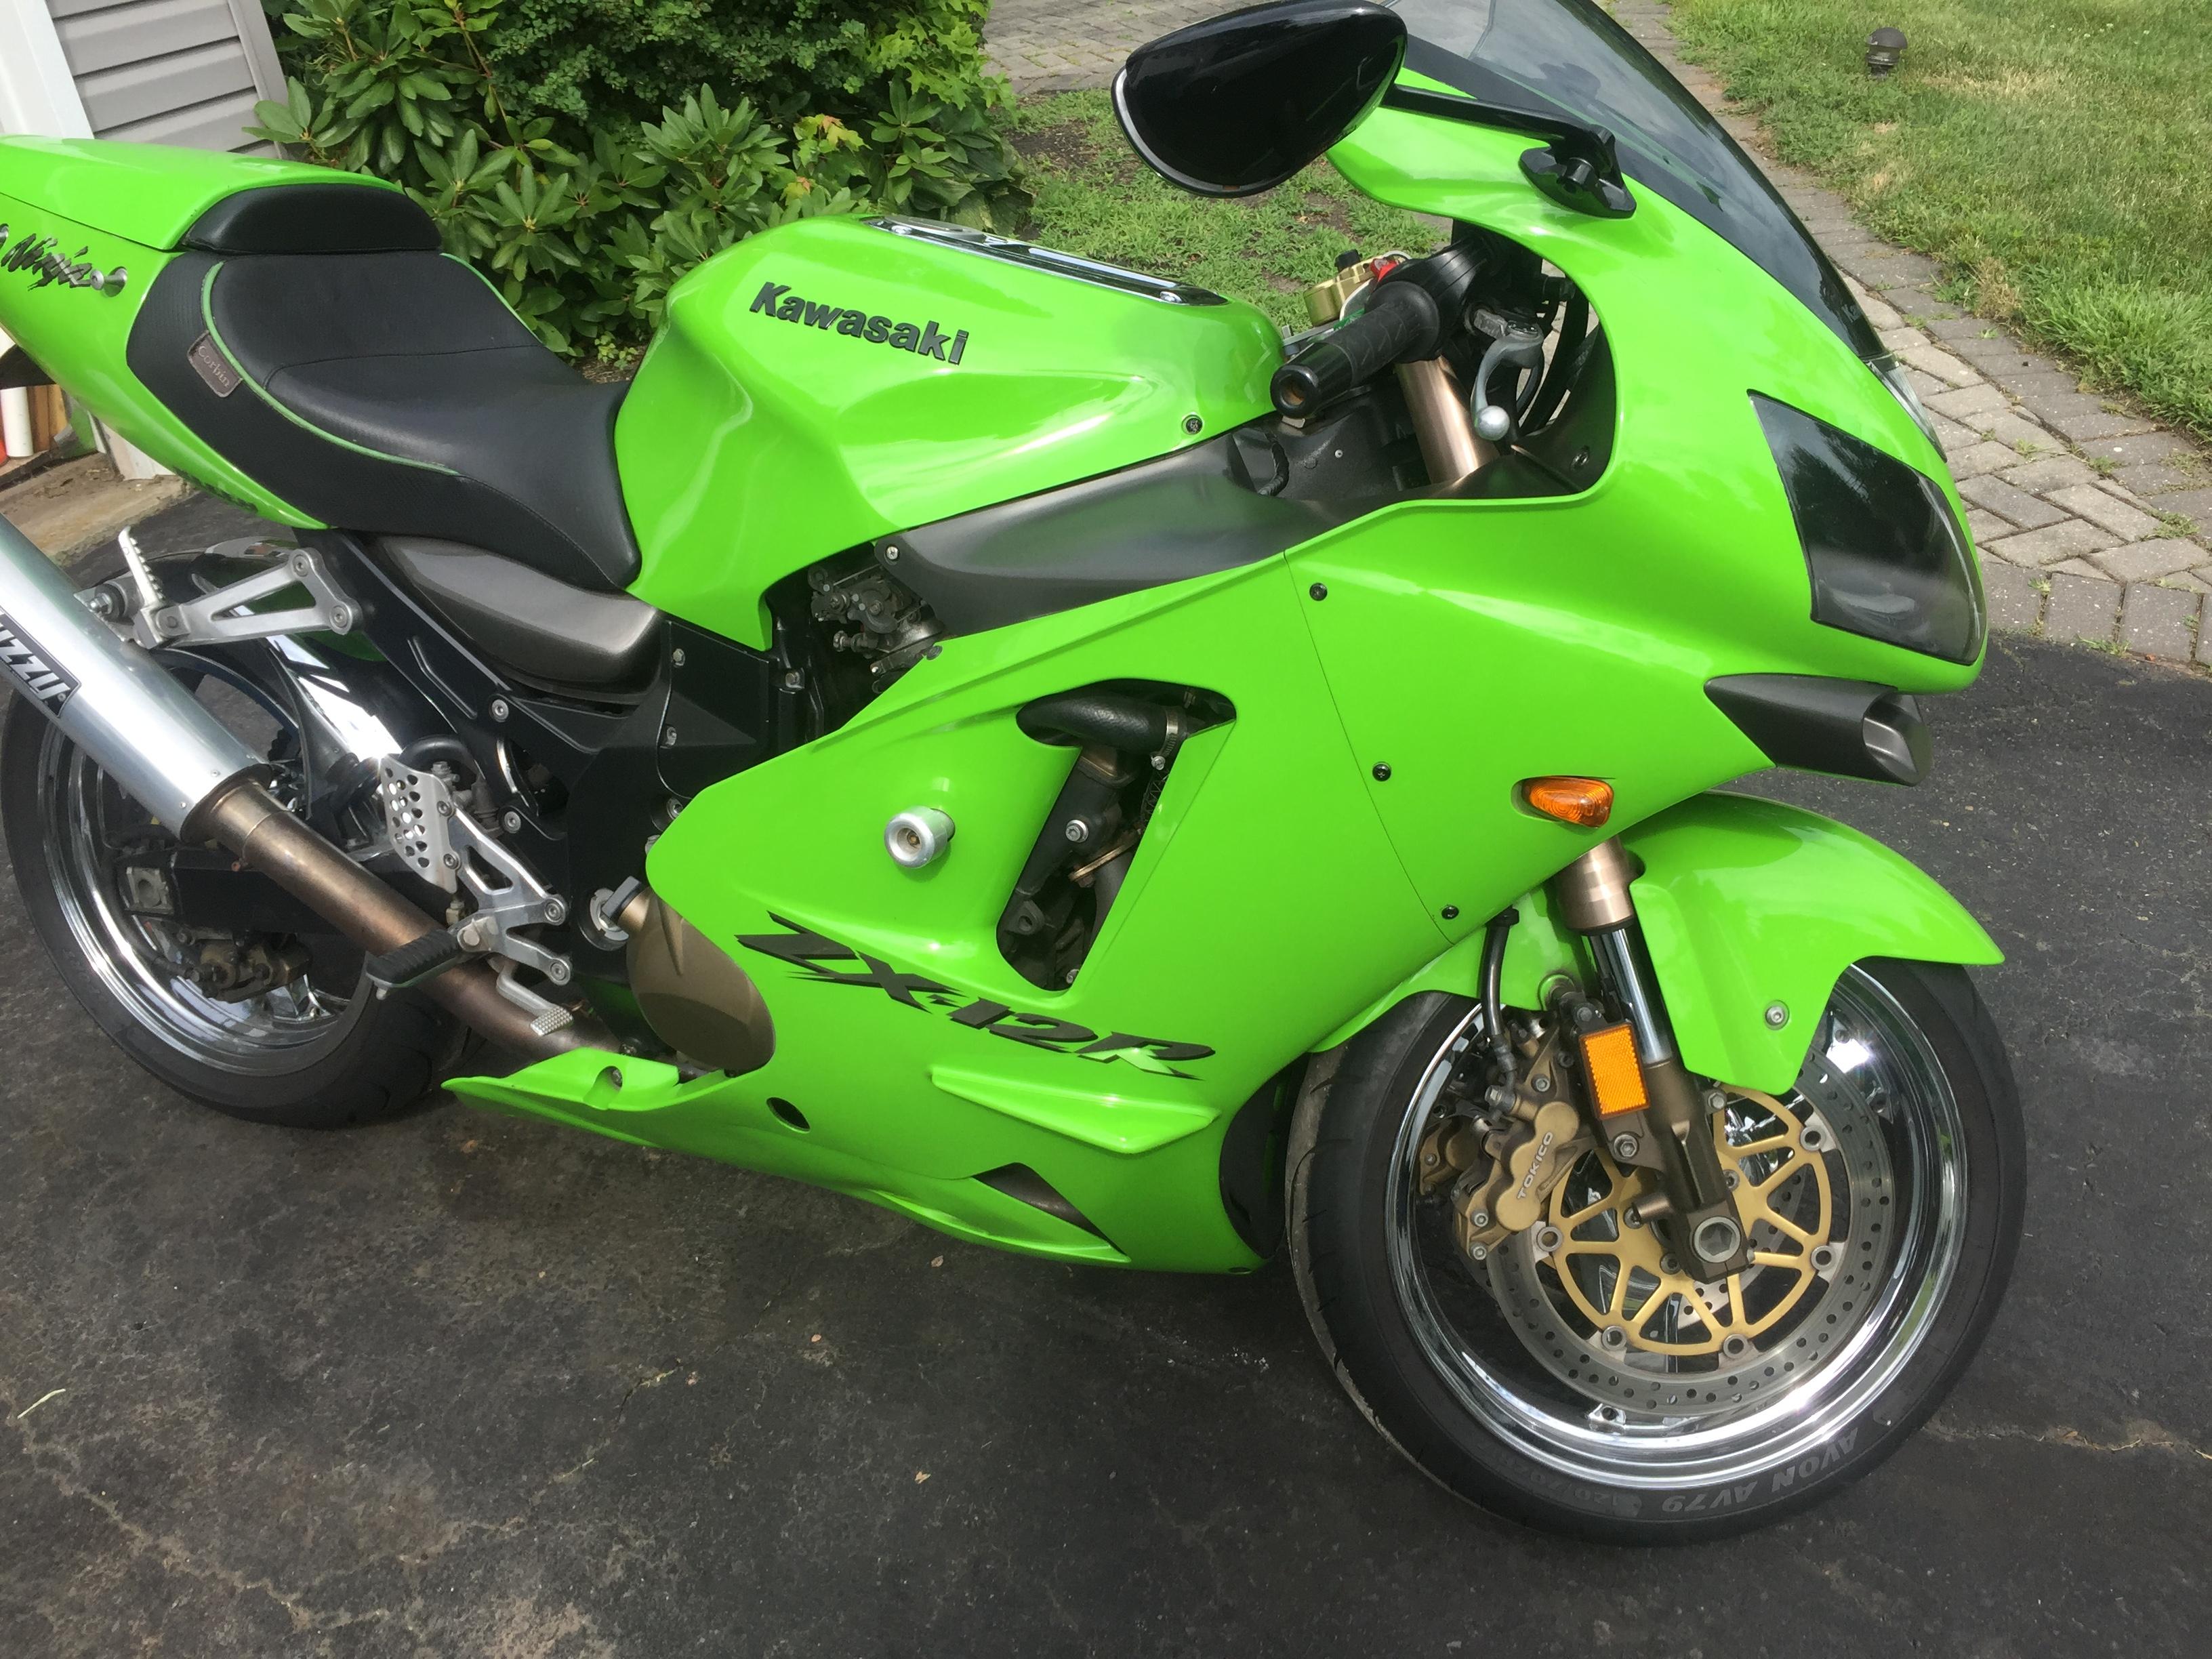 2003 Kawasaki ZX12R